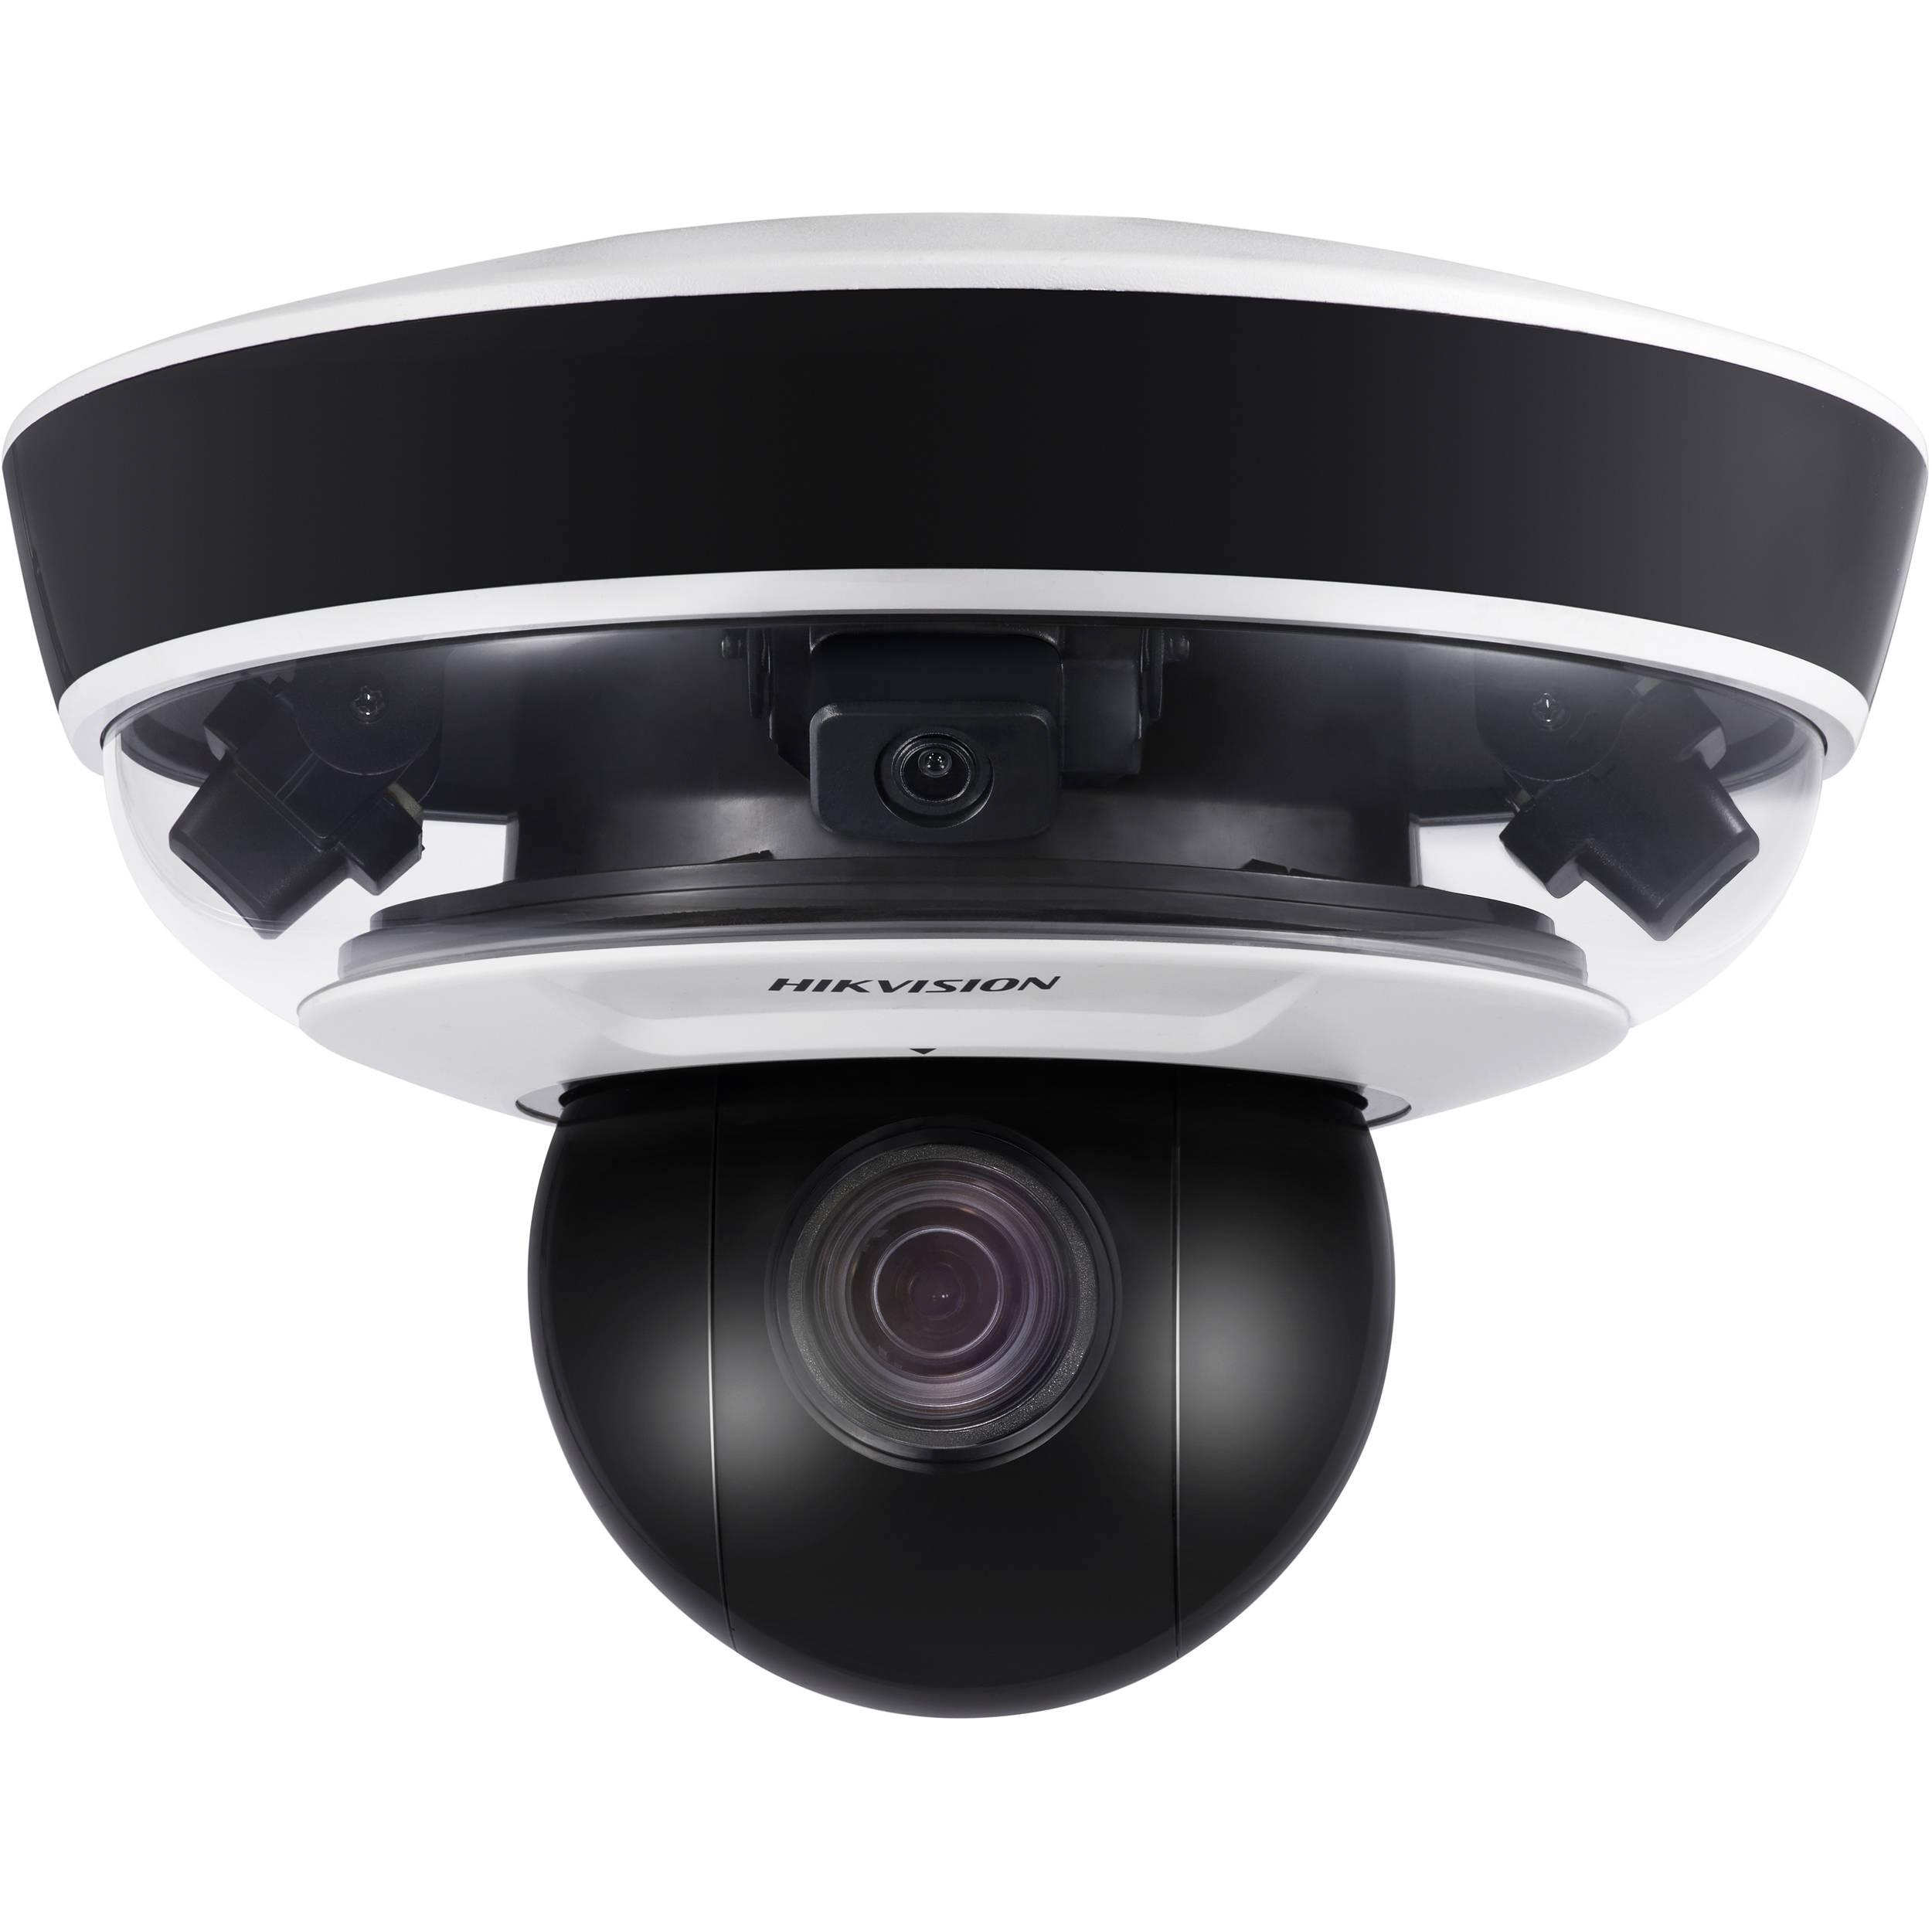 دوربین مداربسته تحت شبکه اسپید دام هایک ویژن DS-2PT5326IZ-DE